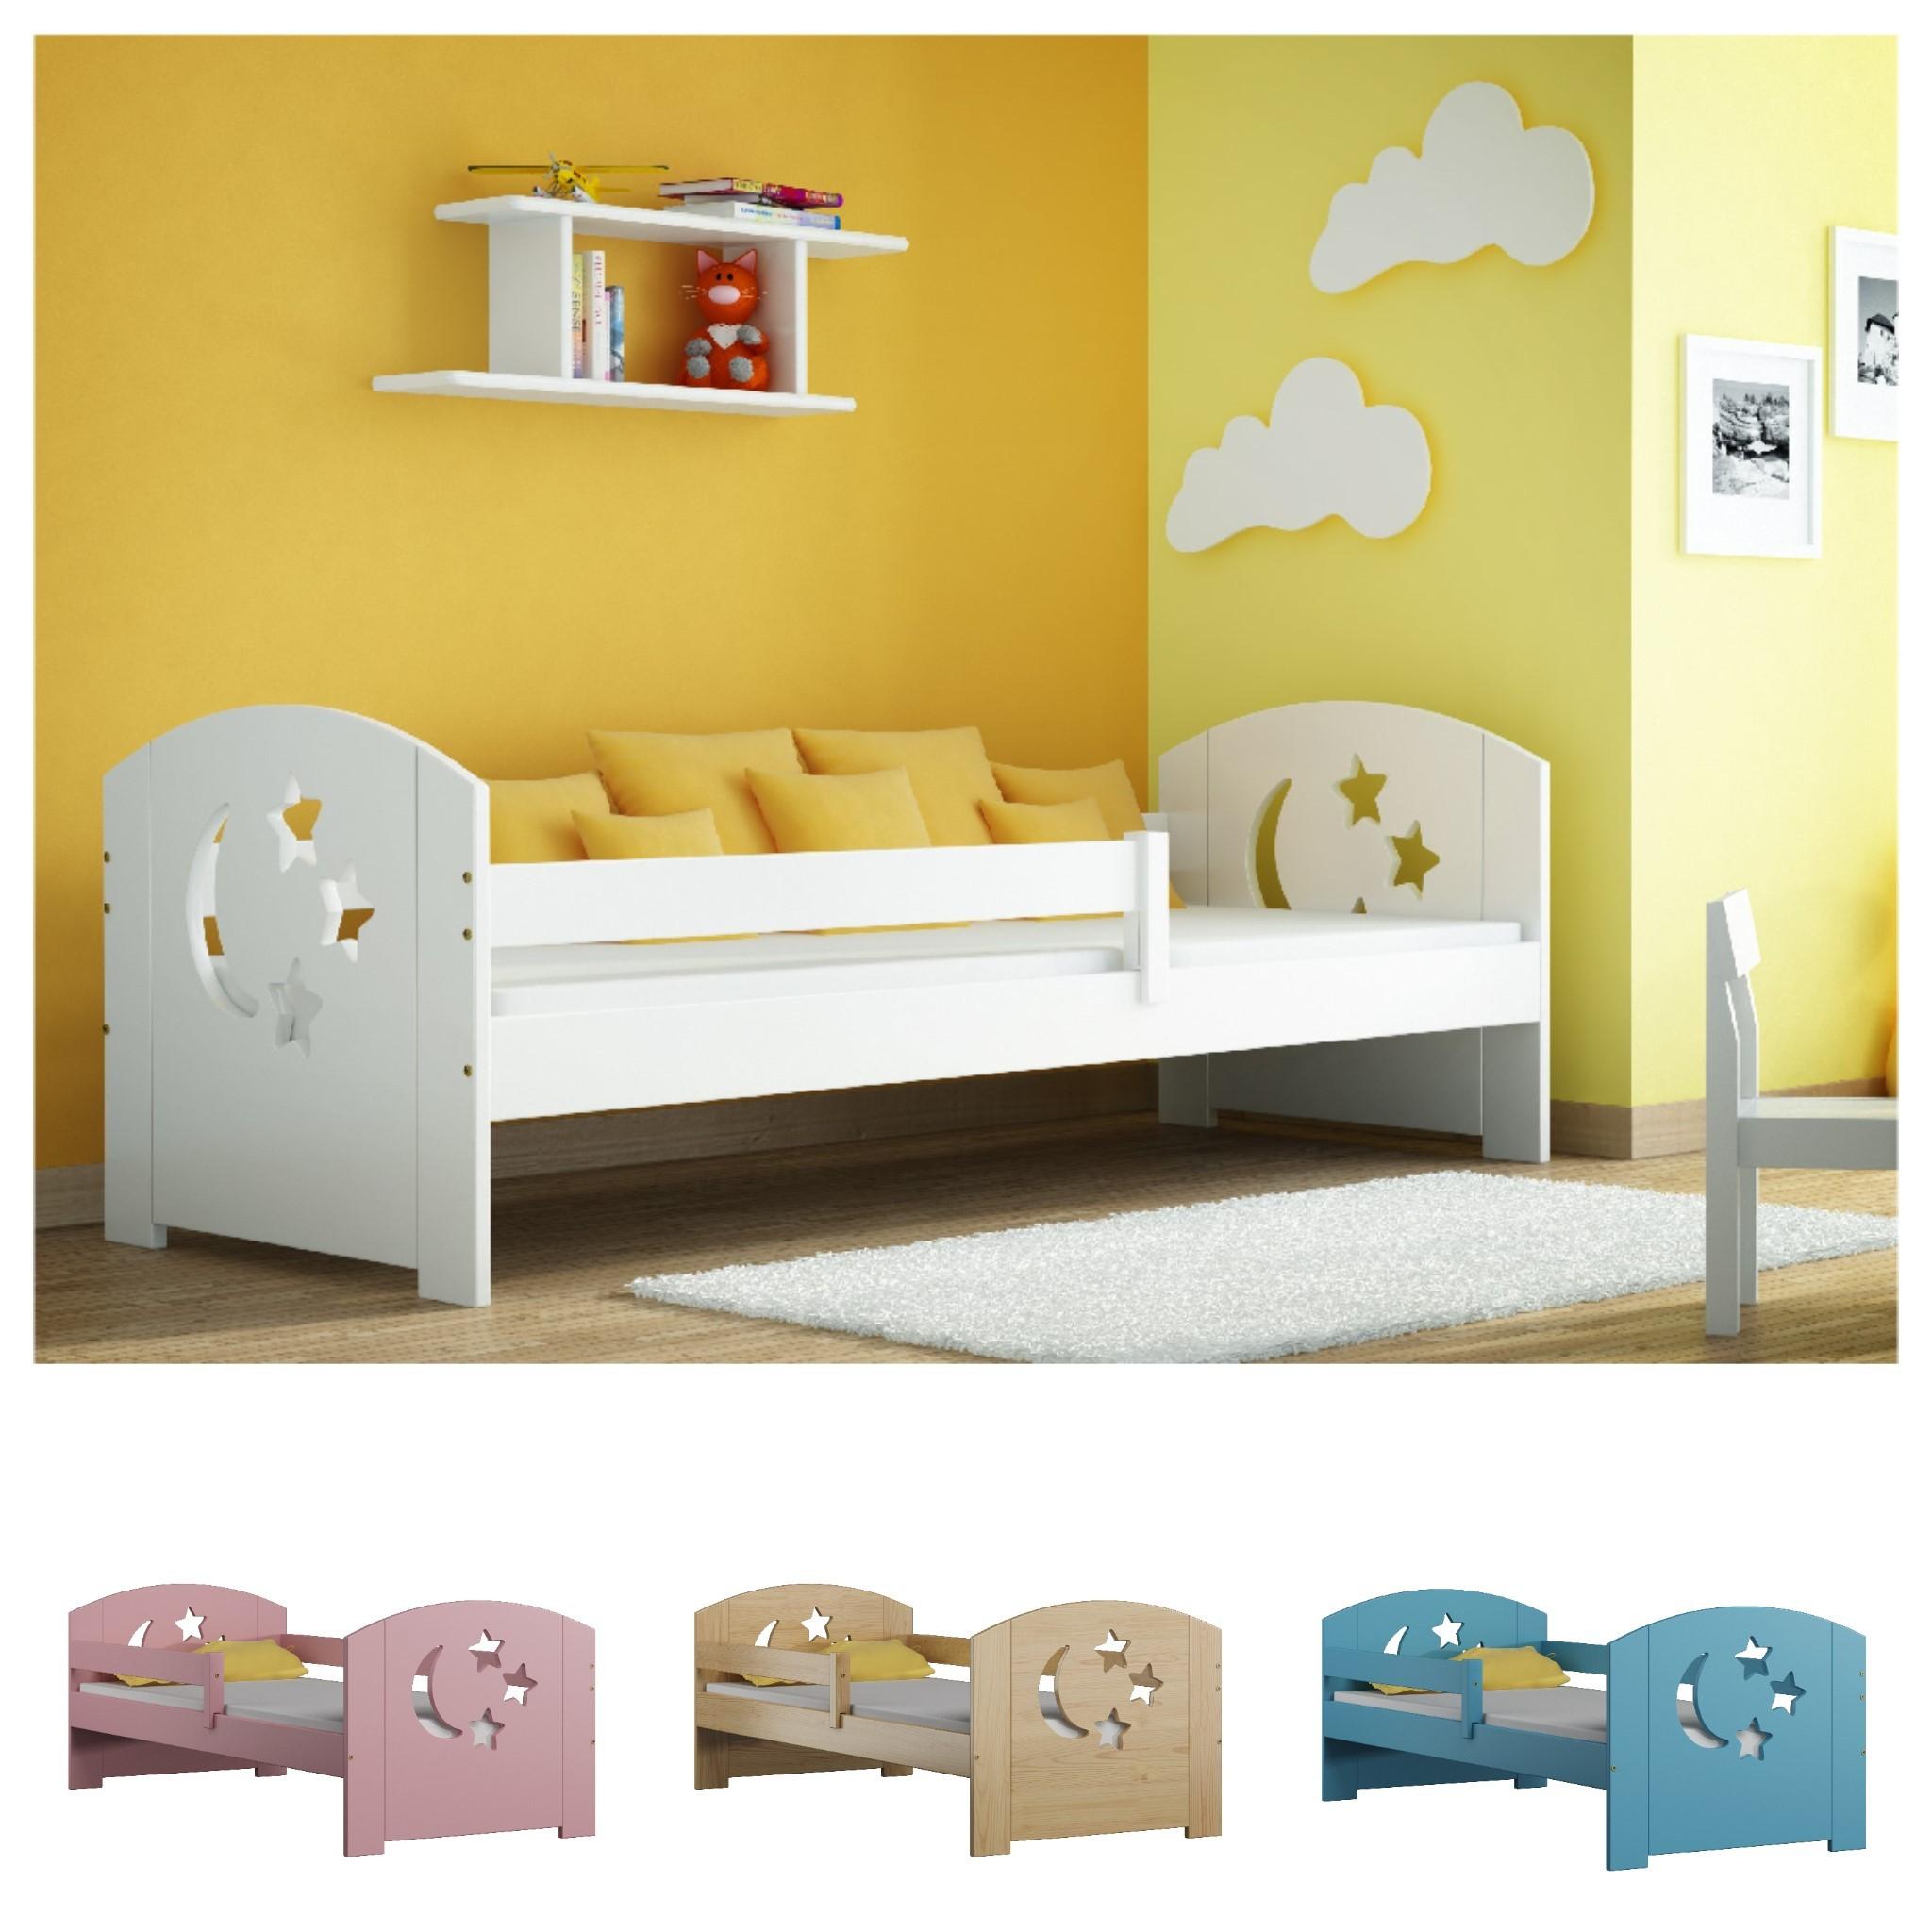 Łóżko pojedyncze - Lily Display